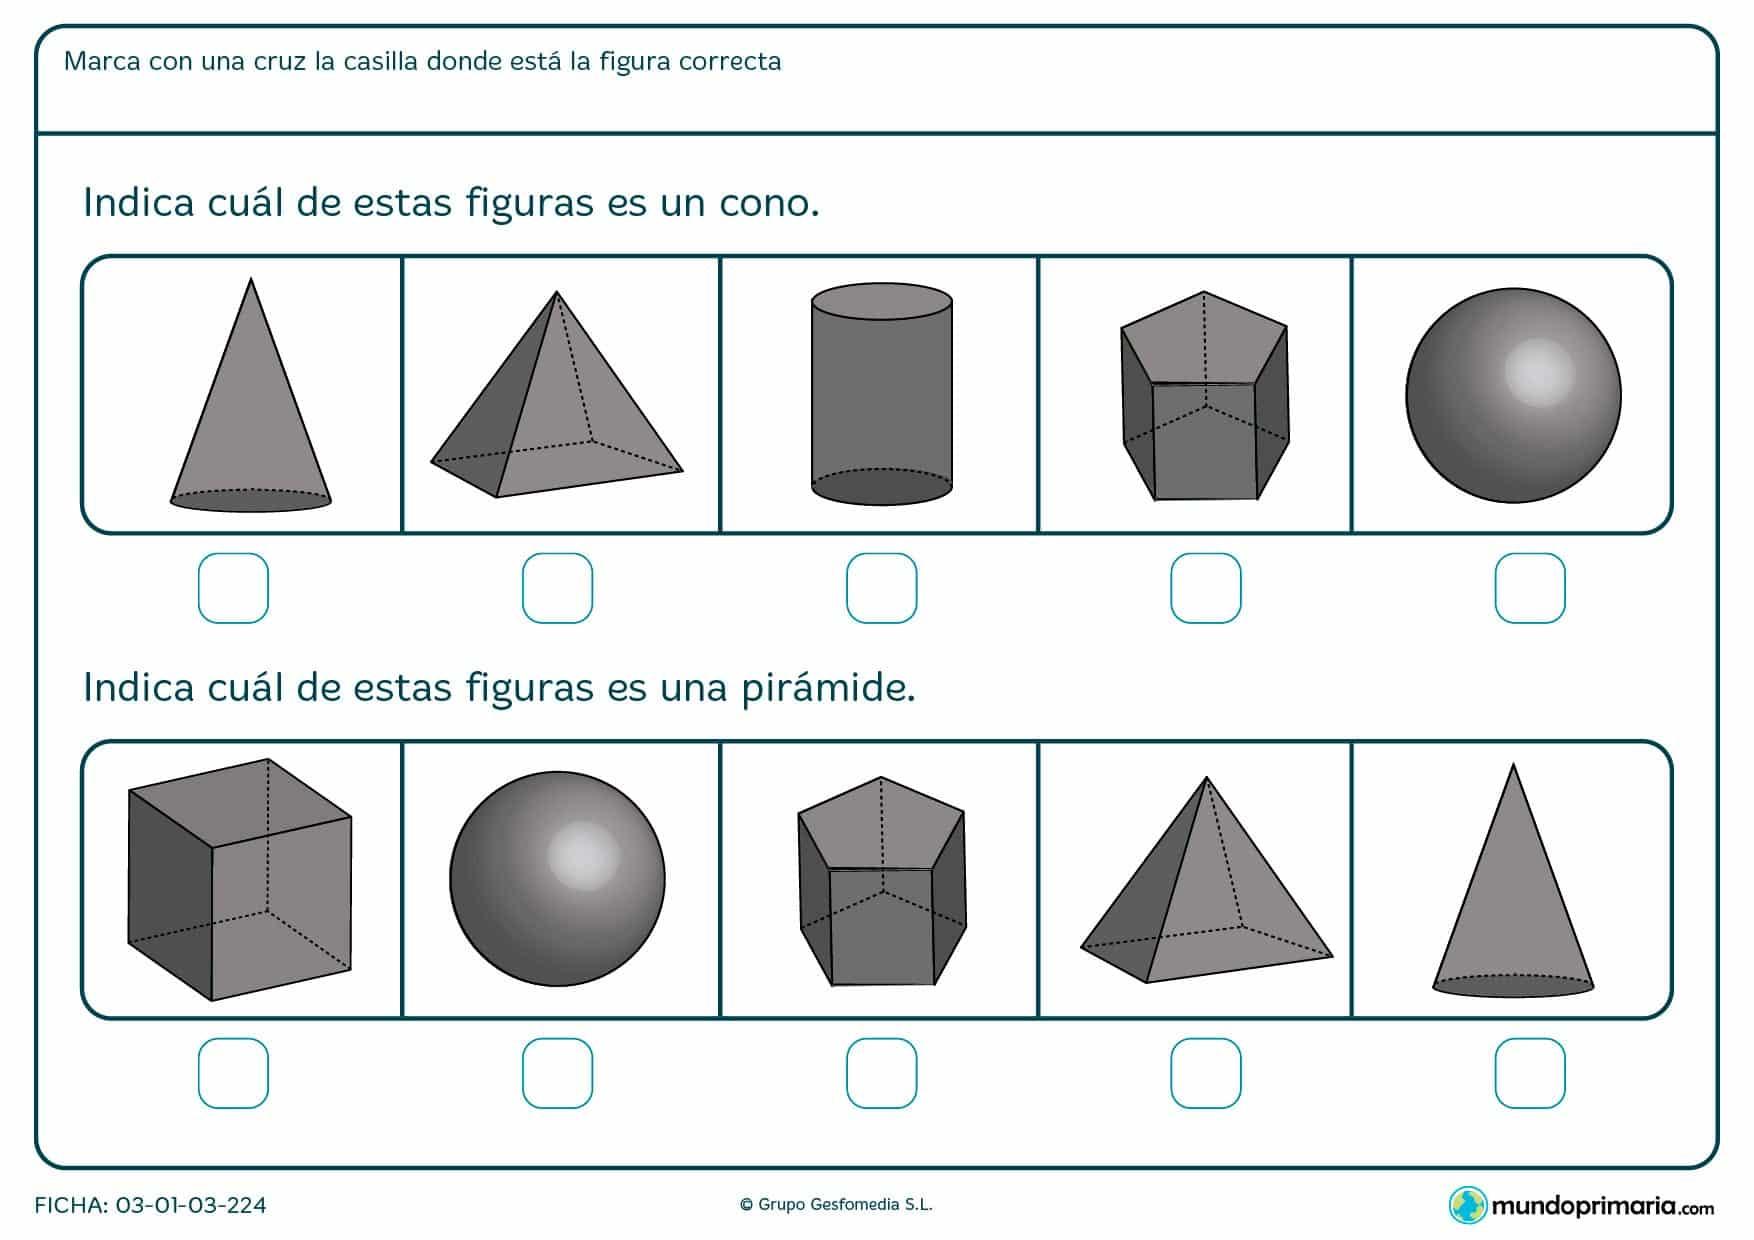 Ficha de planos piramidales en la que hay que indicar la figura que te pide en el enunciado.